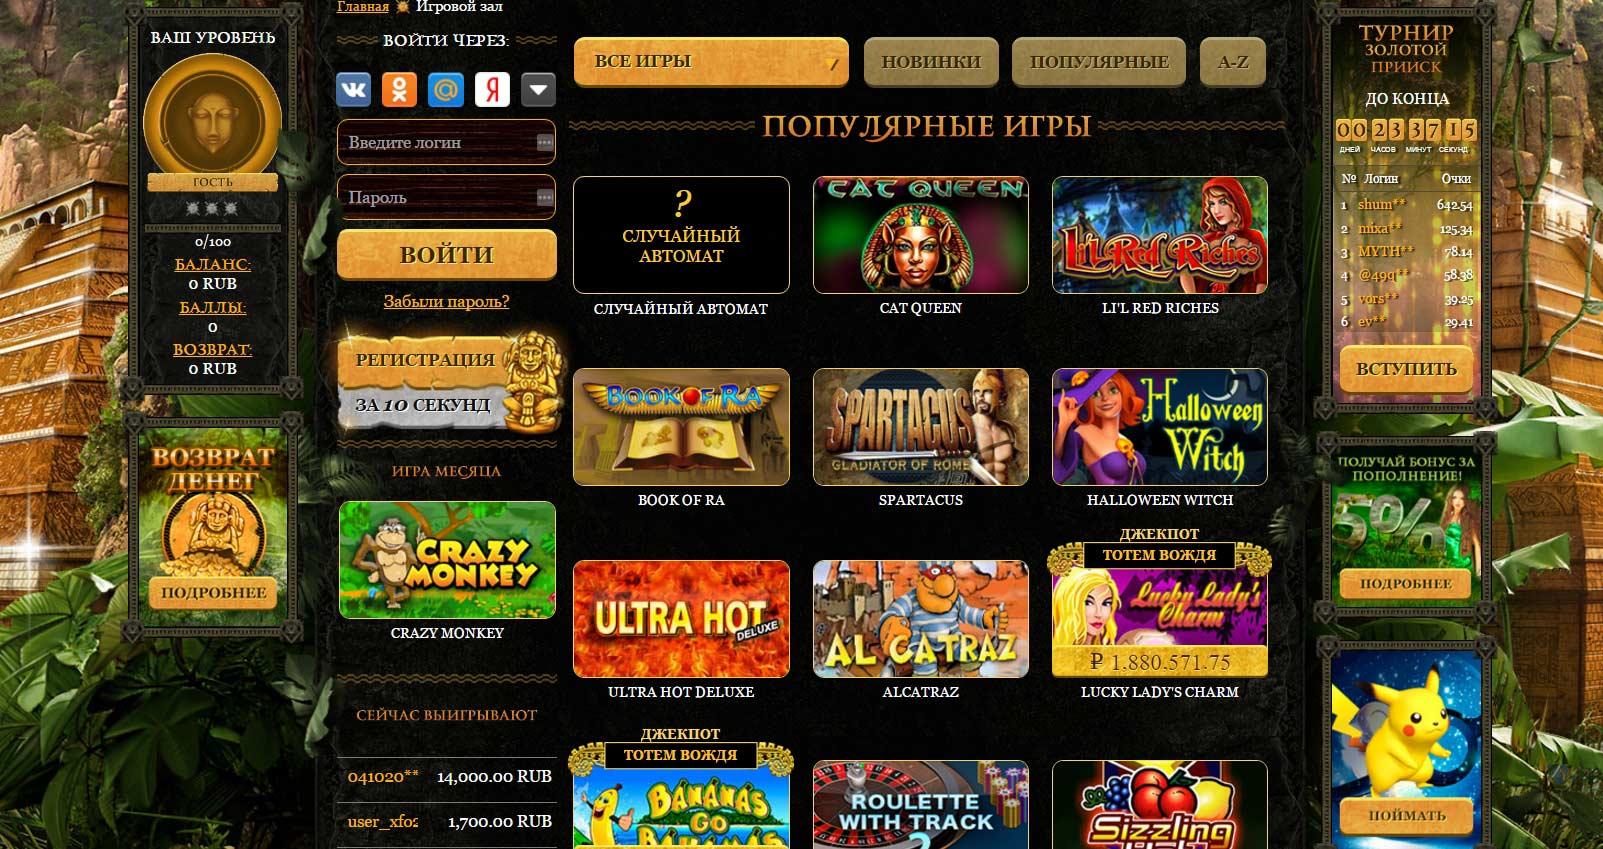 казино эльдорадо игровые автоматы играть бесплатно